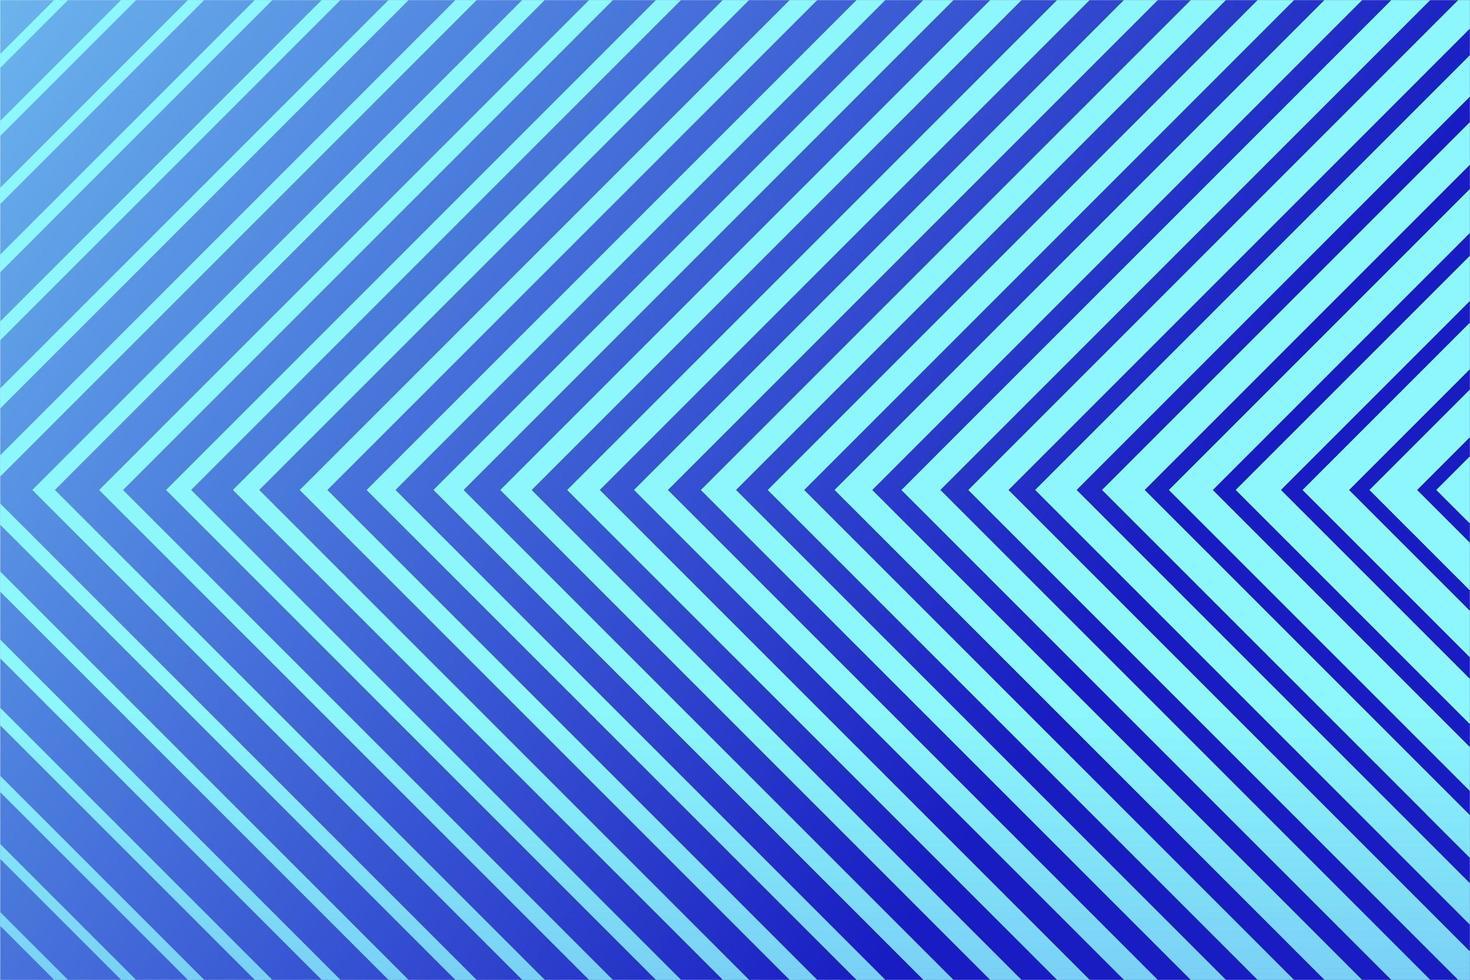 conception de ligne bleu clair et bleue inclinée vecteur